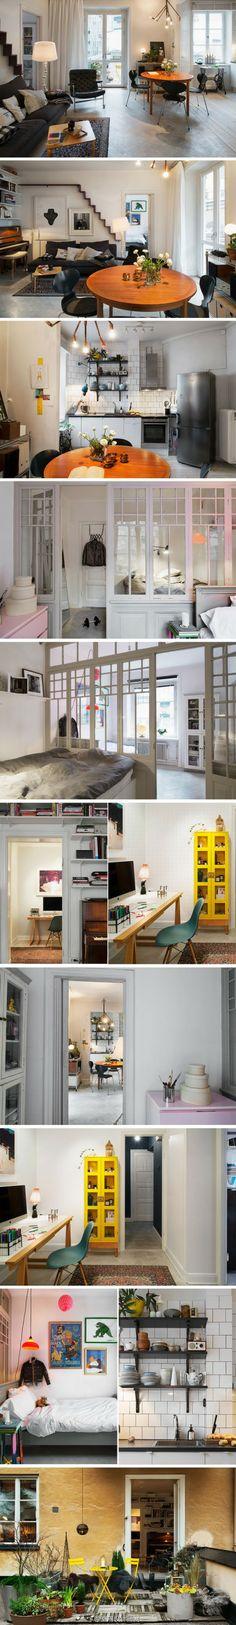 37 ㎡北欧小户型公寓,跳跃的色彩温暖了整个家。